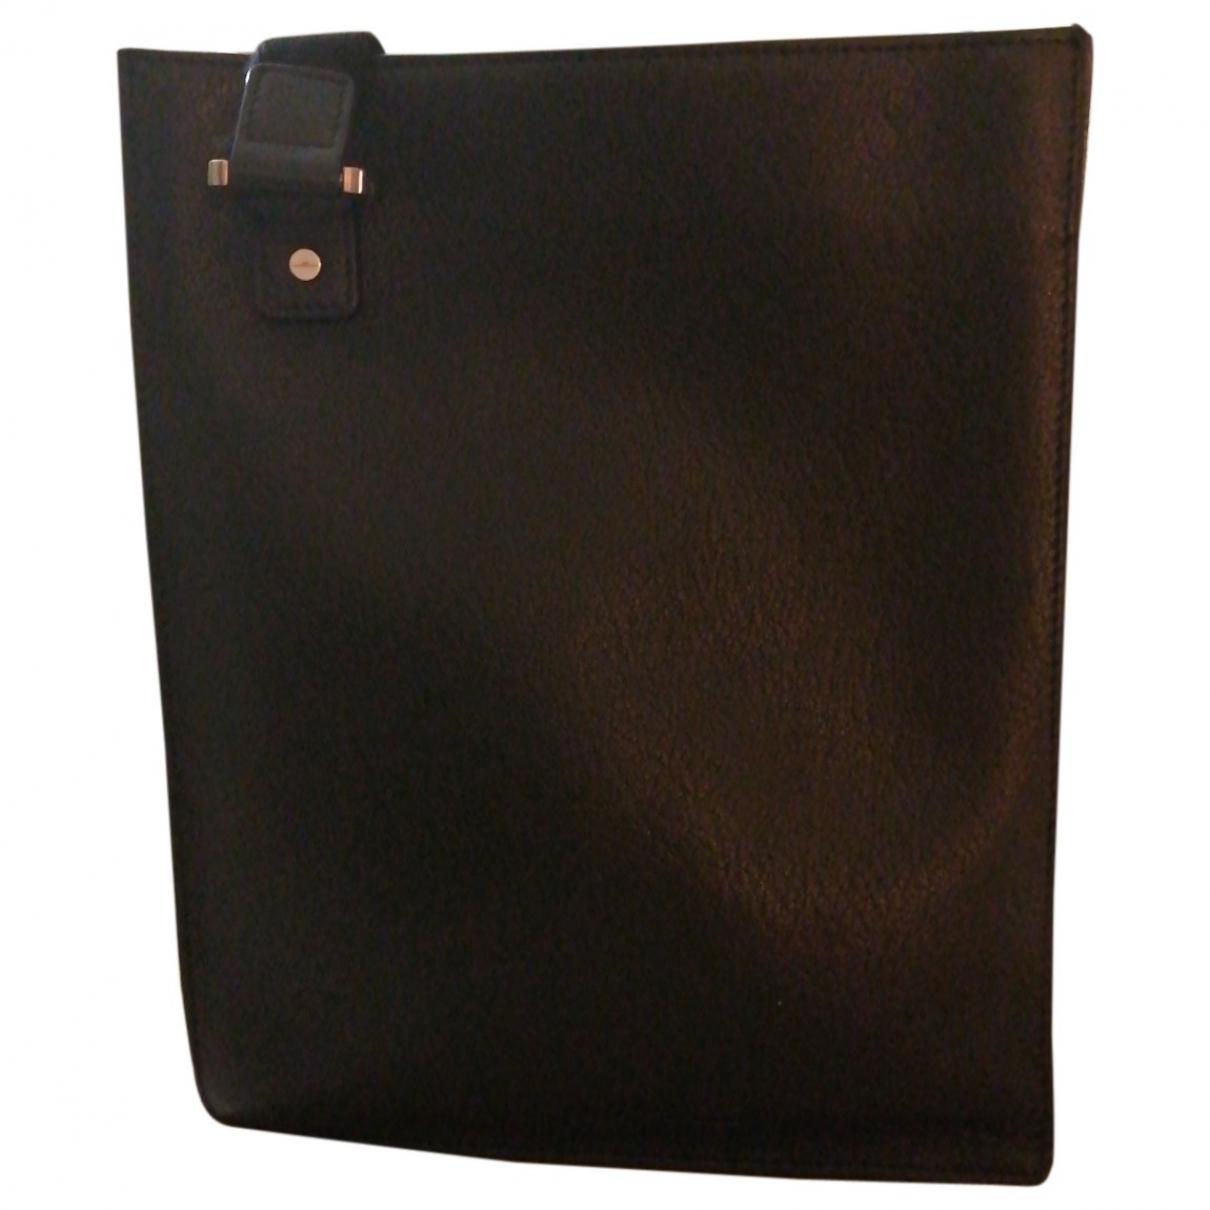 Delvaux \N Brown Leather bag for Men \N